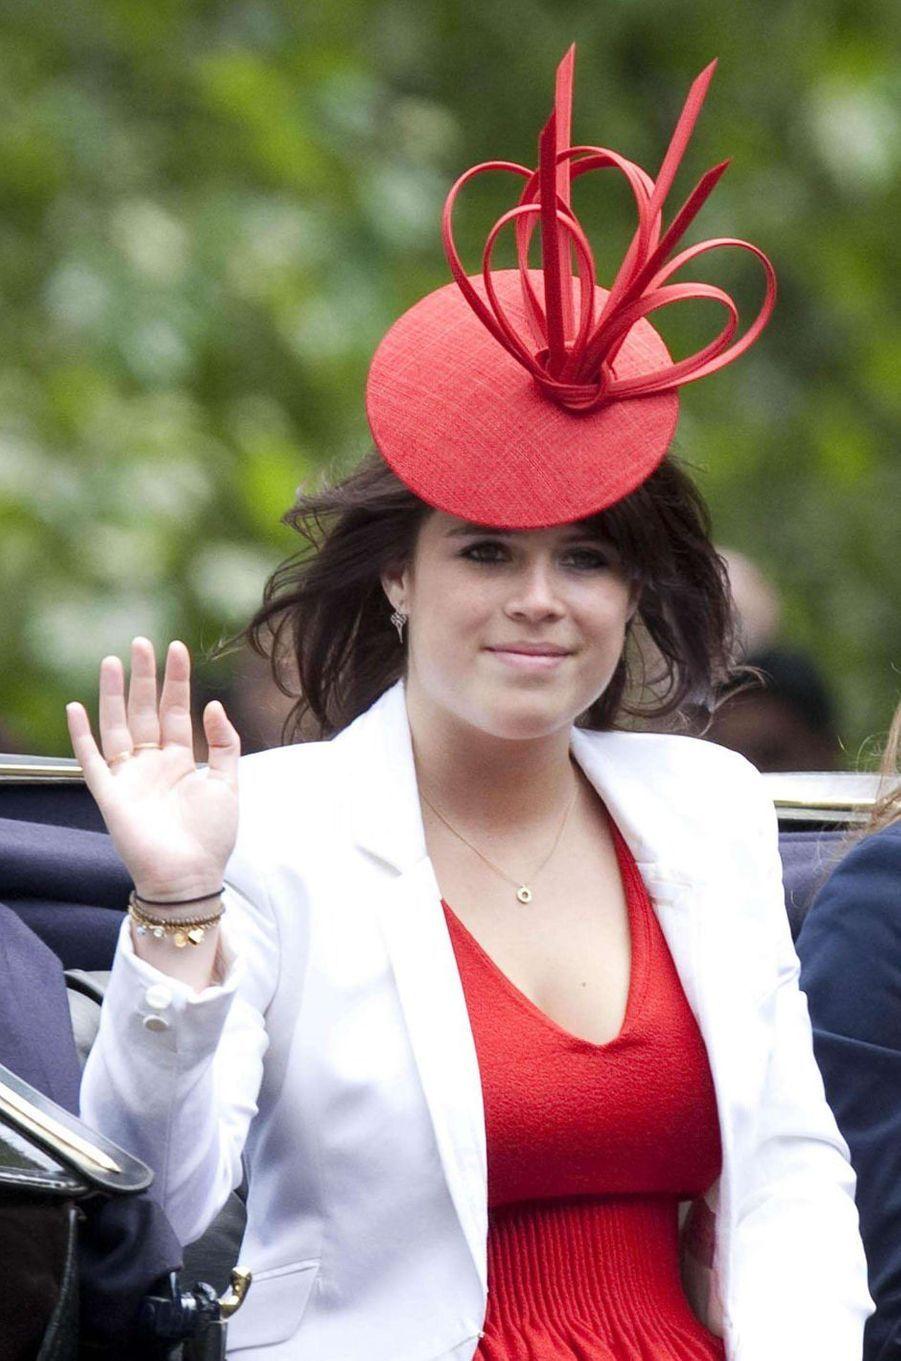 Le chapeau de la princesse Eugenie d'York, le 12 juin 2010